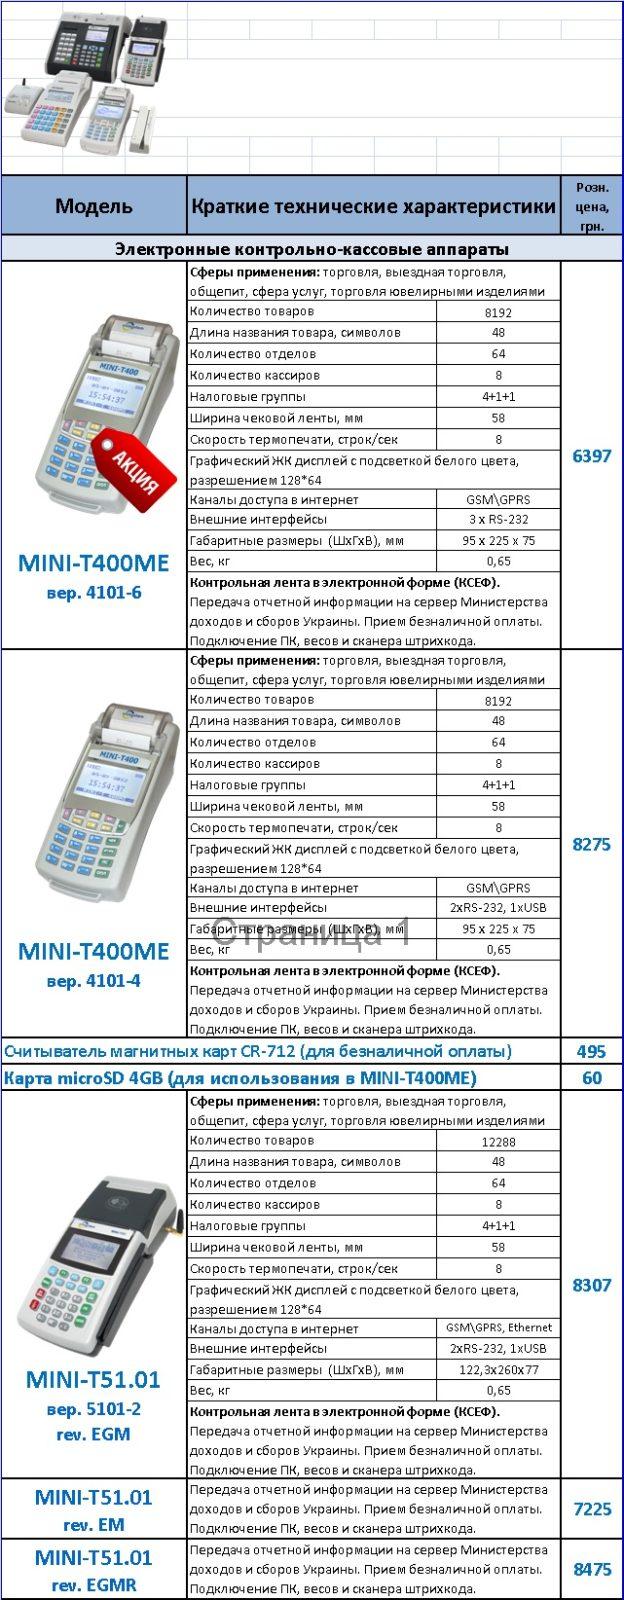 Кассовые аппараты Мини-Т400 Мини-Т51